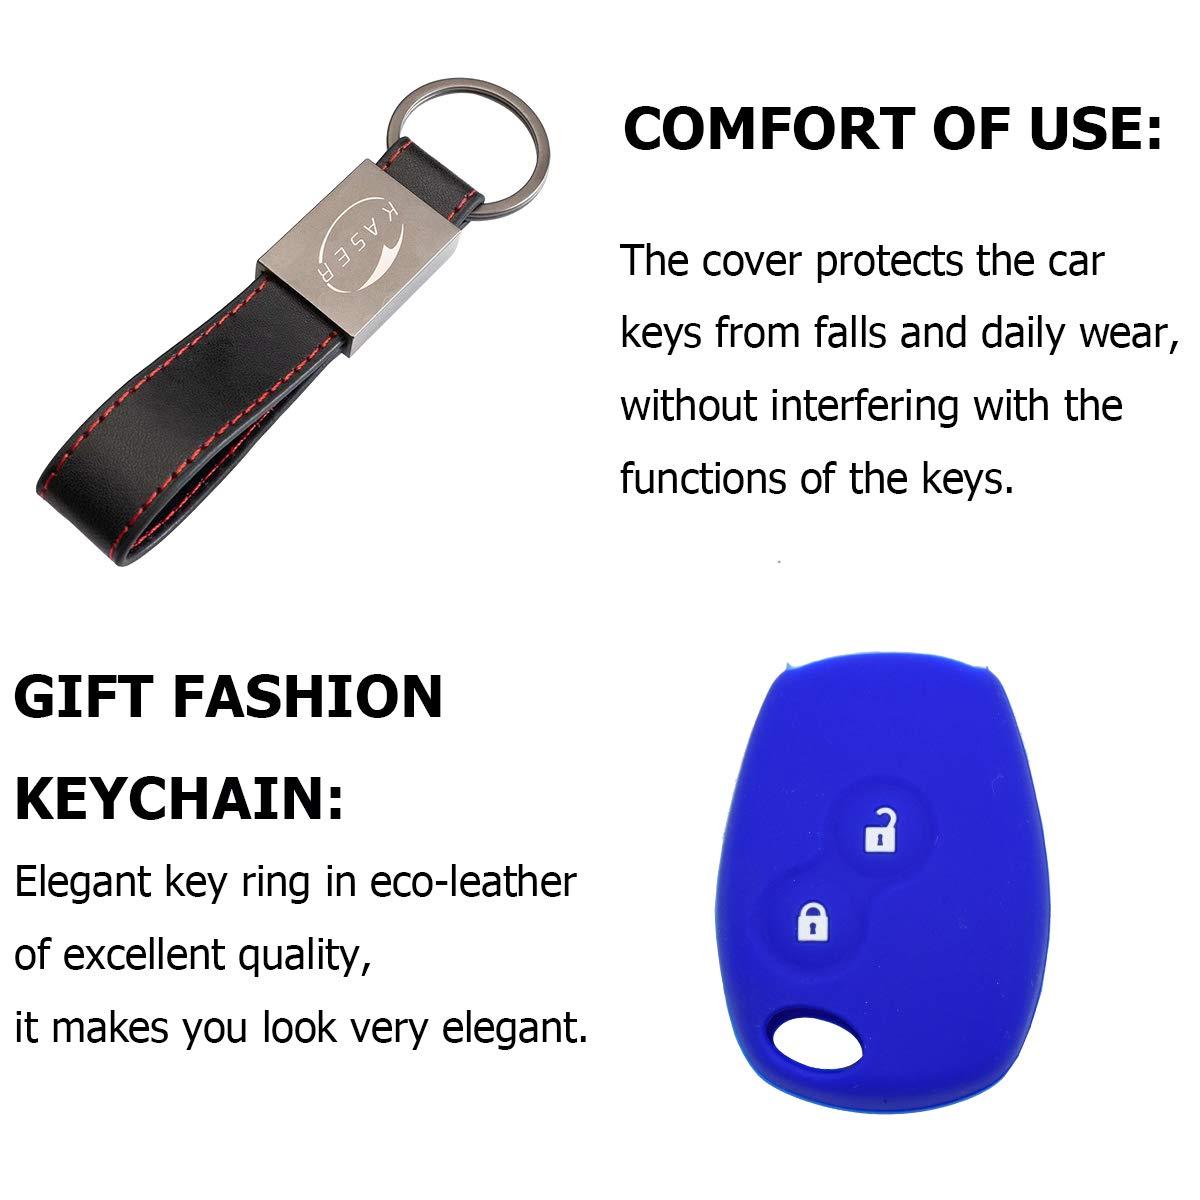 Azul Funda Silicona para Llave Renault Carcasa Llaveros para Coche Renault Clio Kangoo Modus Twingo Laguna Master Megane Cover Case Protecci/ón Mando Distancia Auto